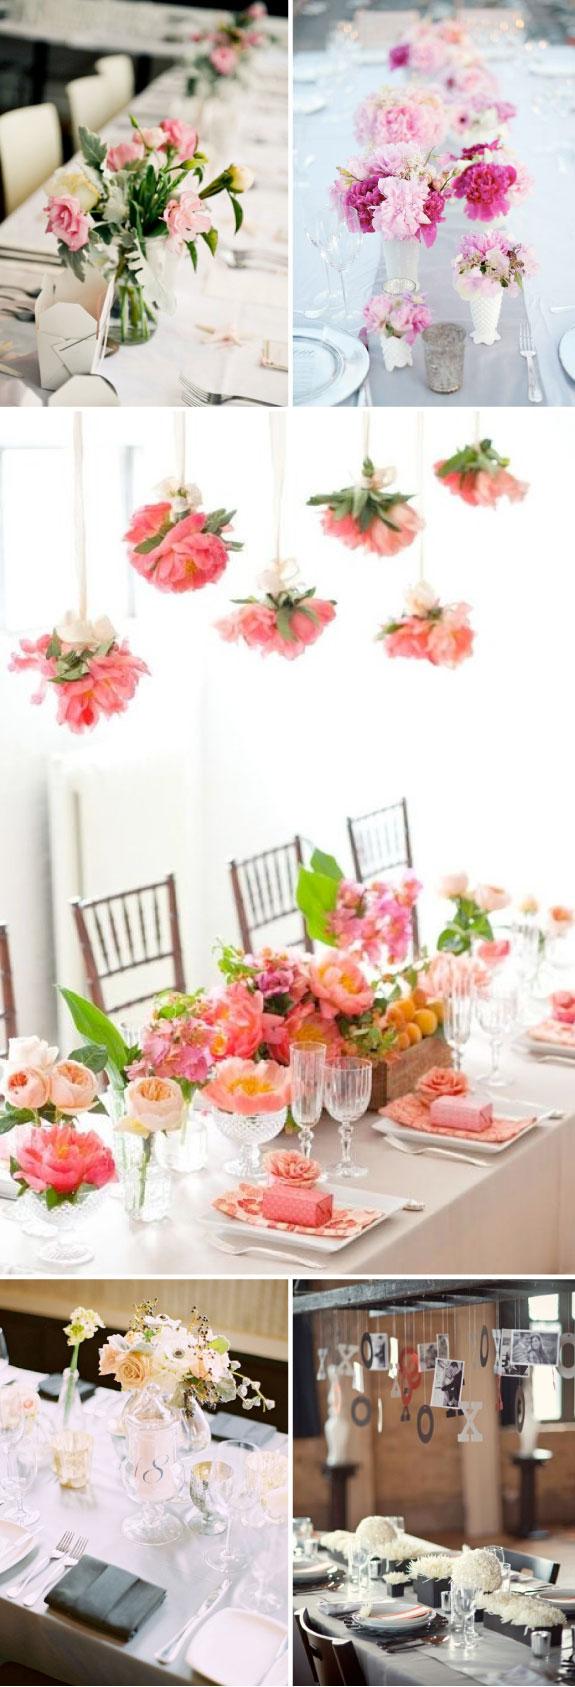 Kwiaty na stołach, podłużne stoły, dekoracje na stołach